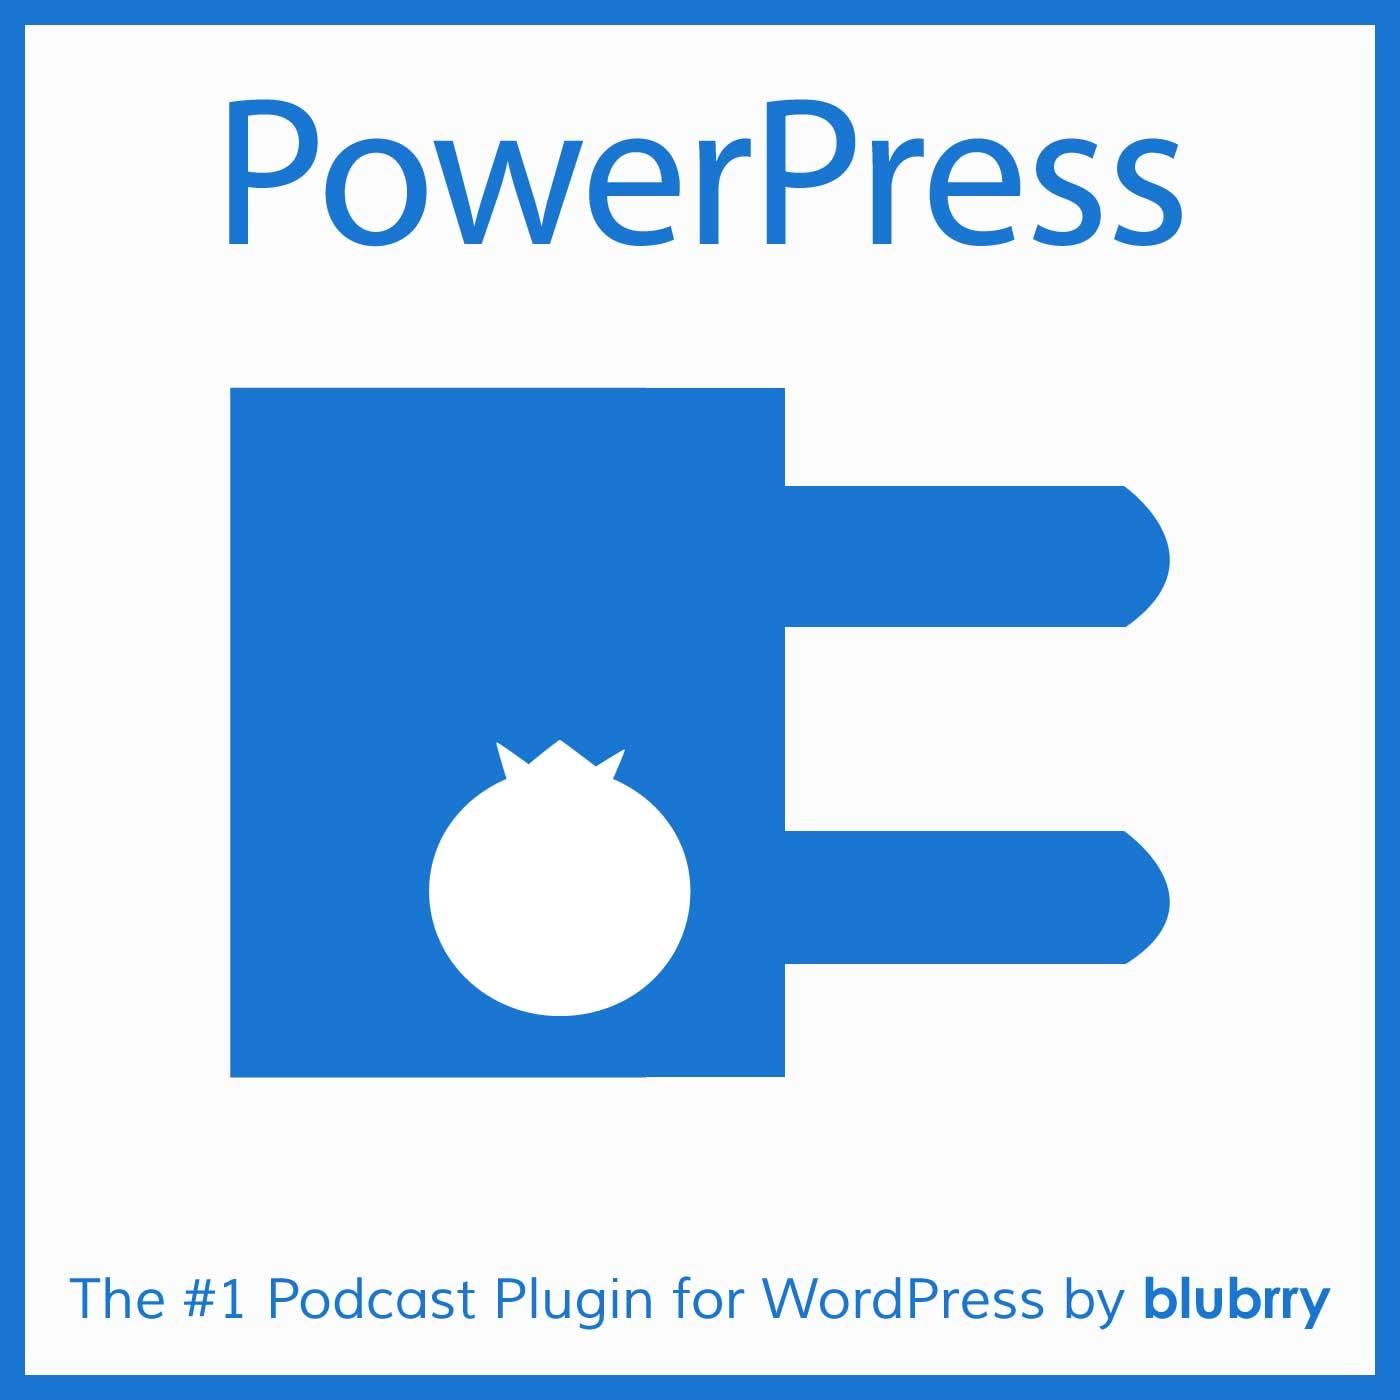 Bagdadsoftware Podcast